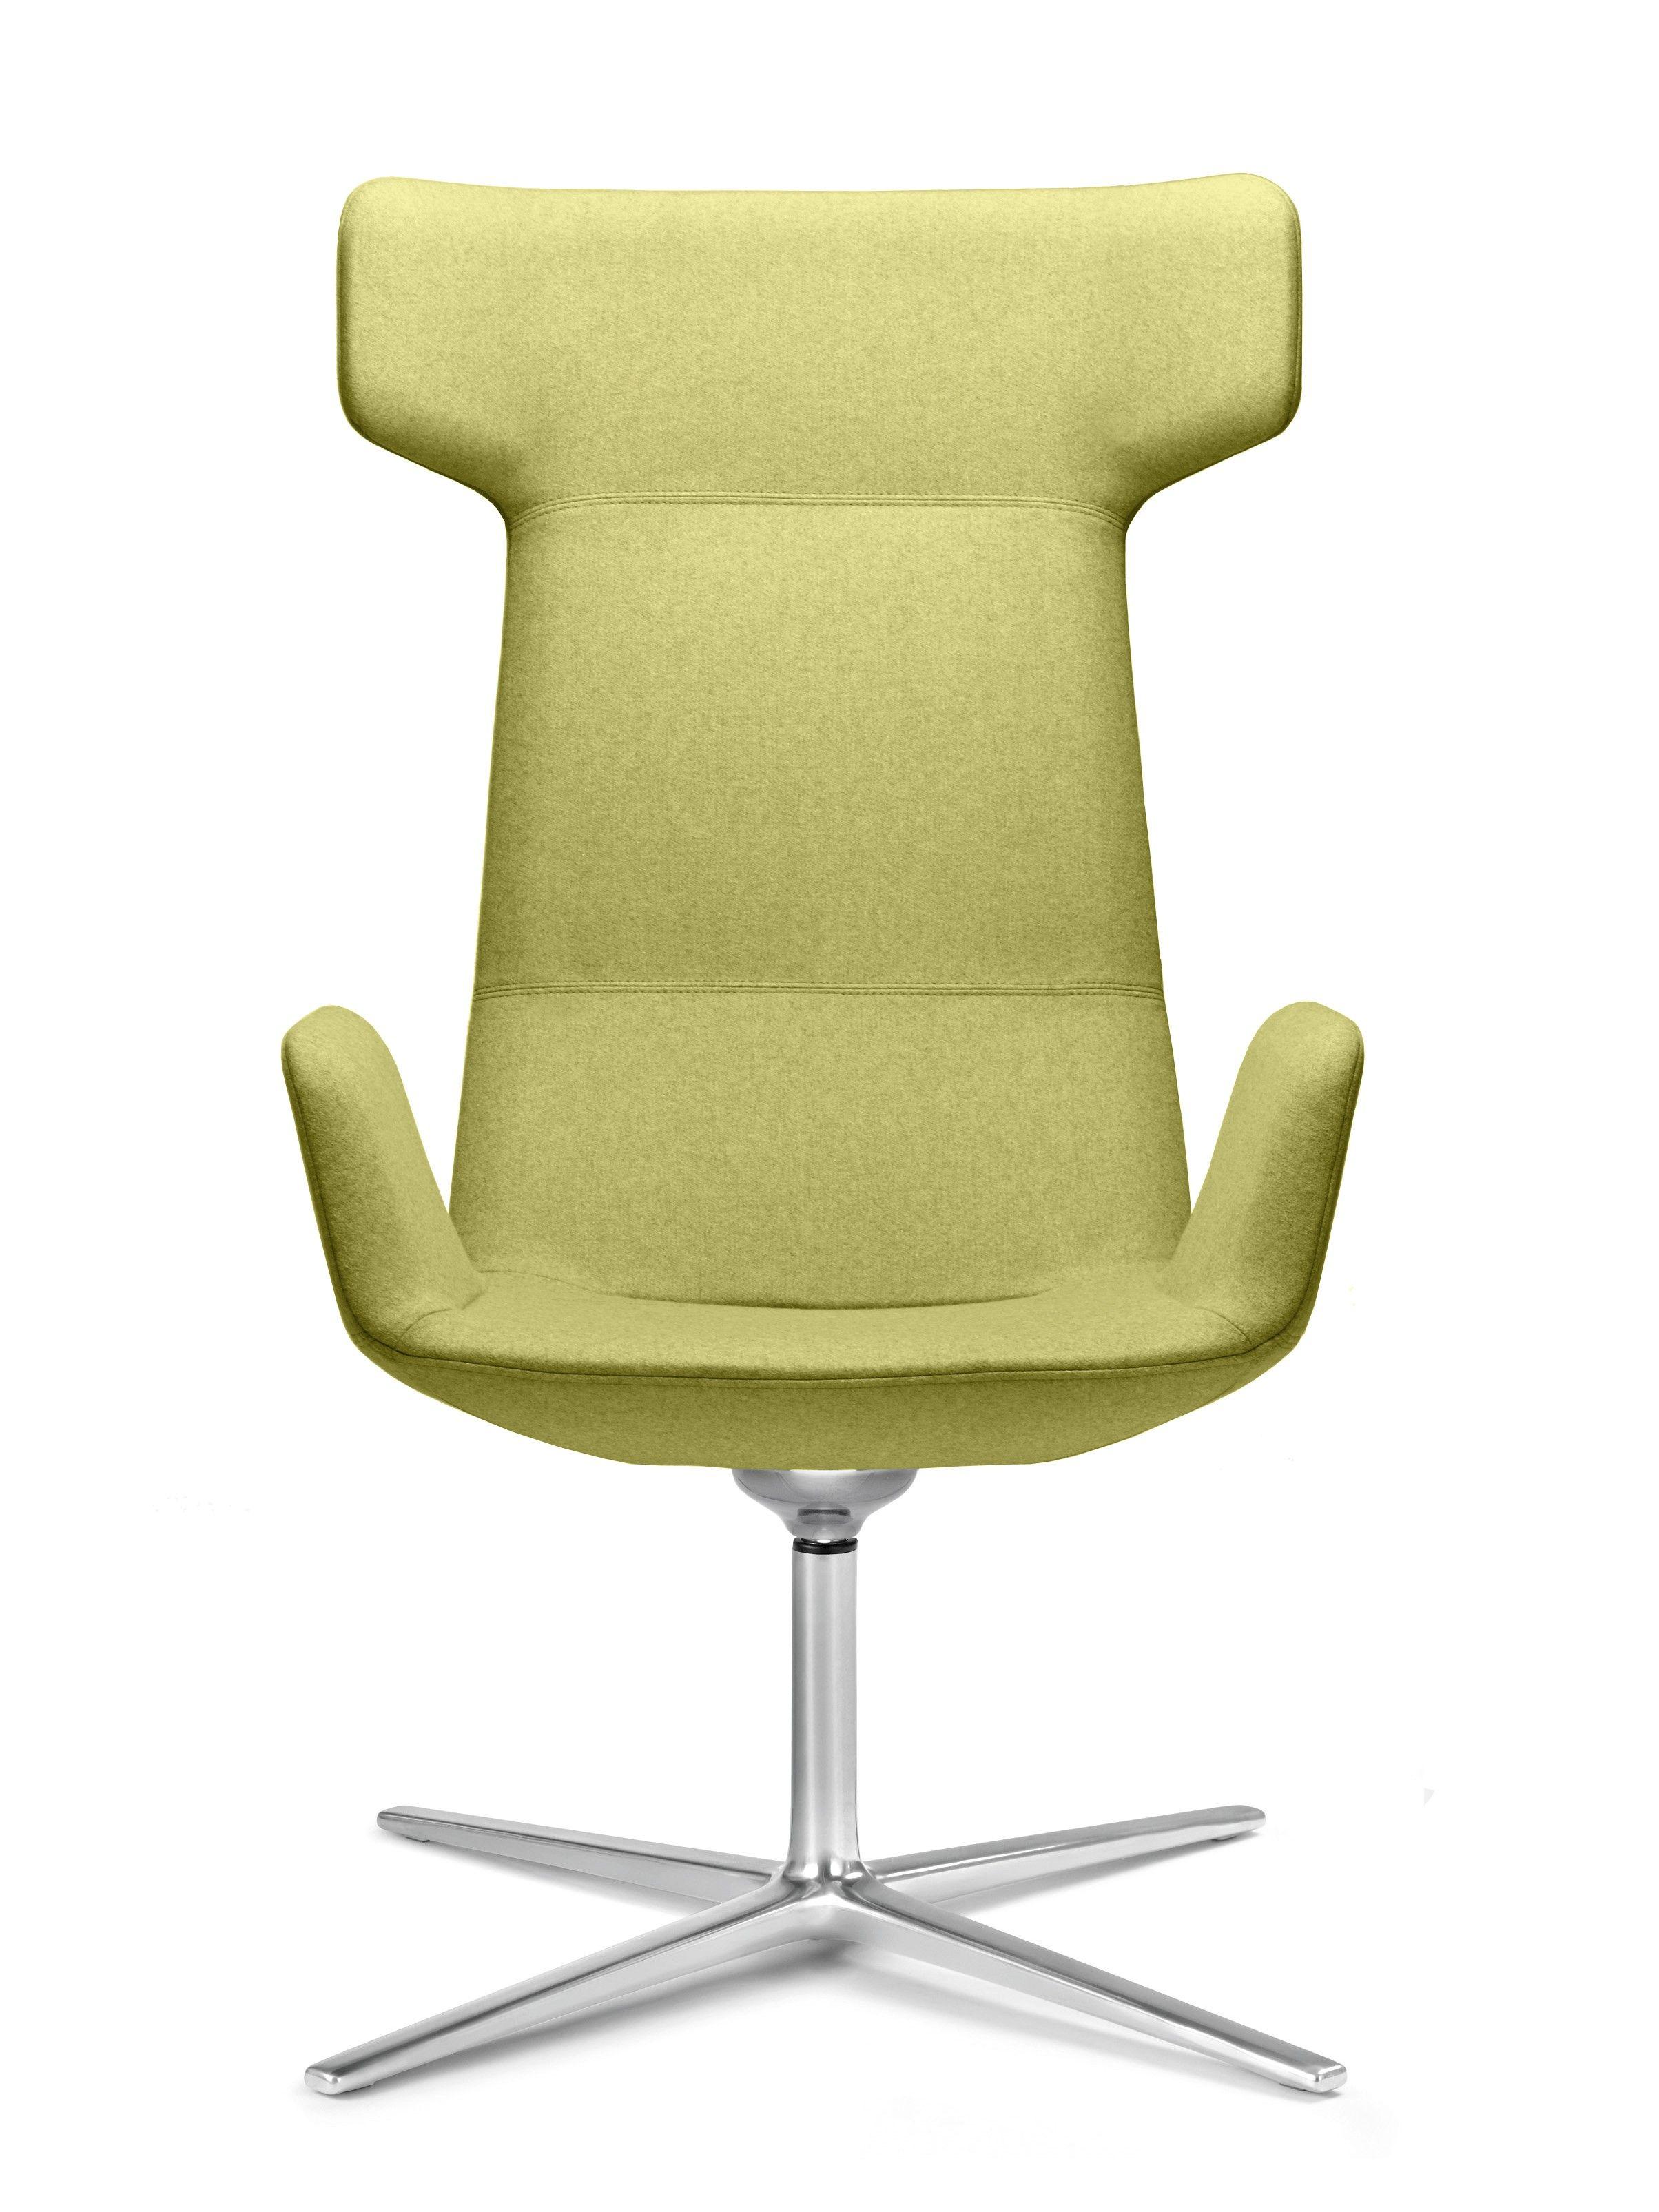 jetzt bei desiganocom drehstuhl flexi lounge sitzmbel lounge sessel von desigano ab euro - Drehsthle Fr Wohnzimmer Zeitgenssisch